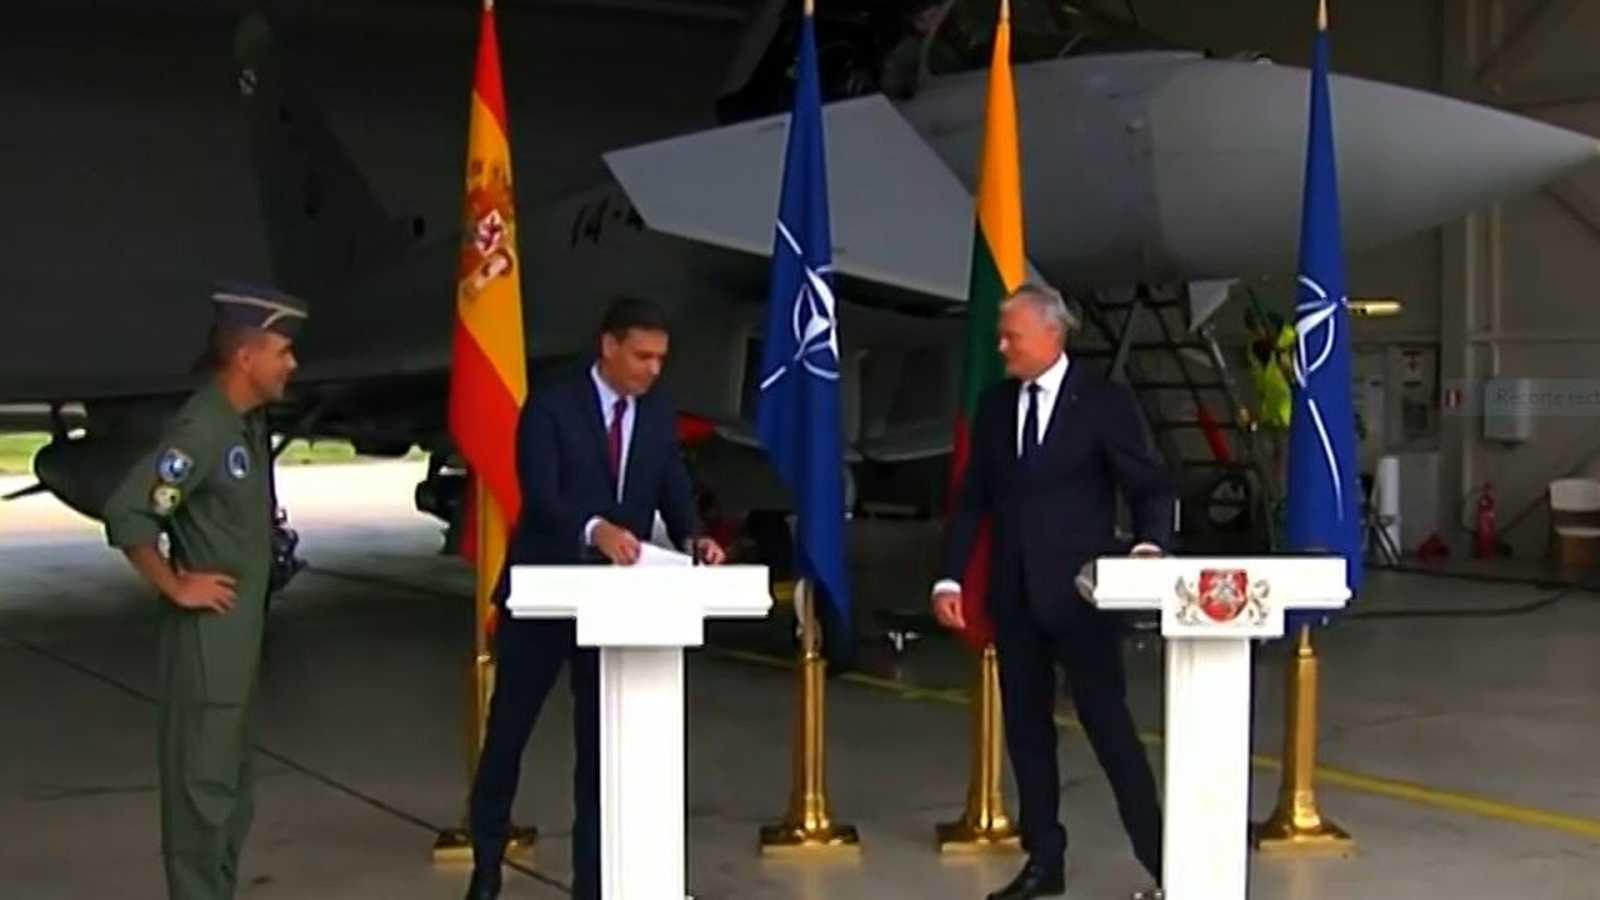 Una alerta real por la presencia de un avión interrumpe la comparecencia de Sánchez en Lituania - Ver ahora